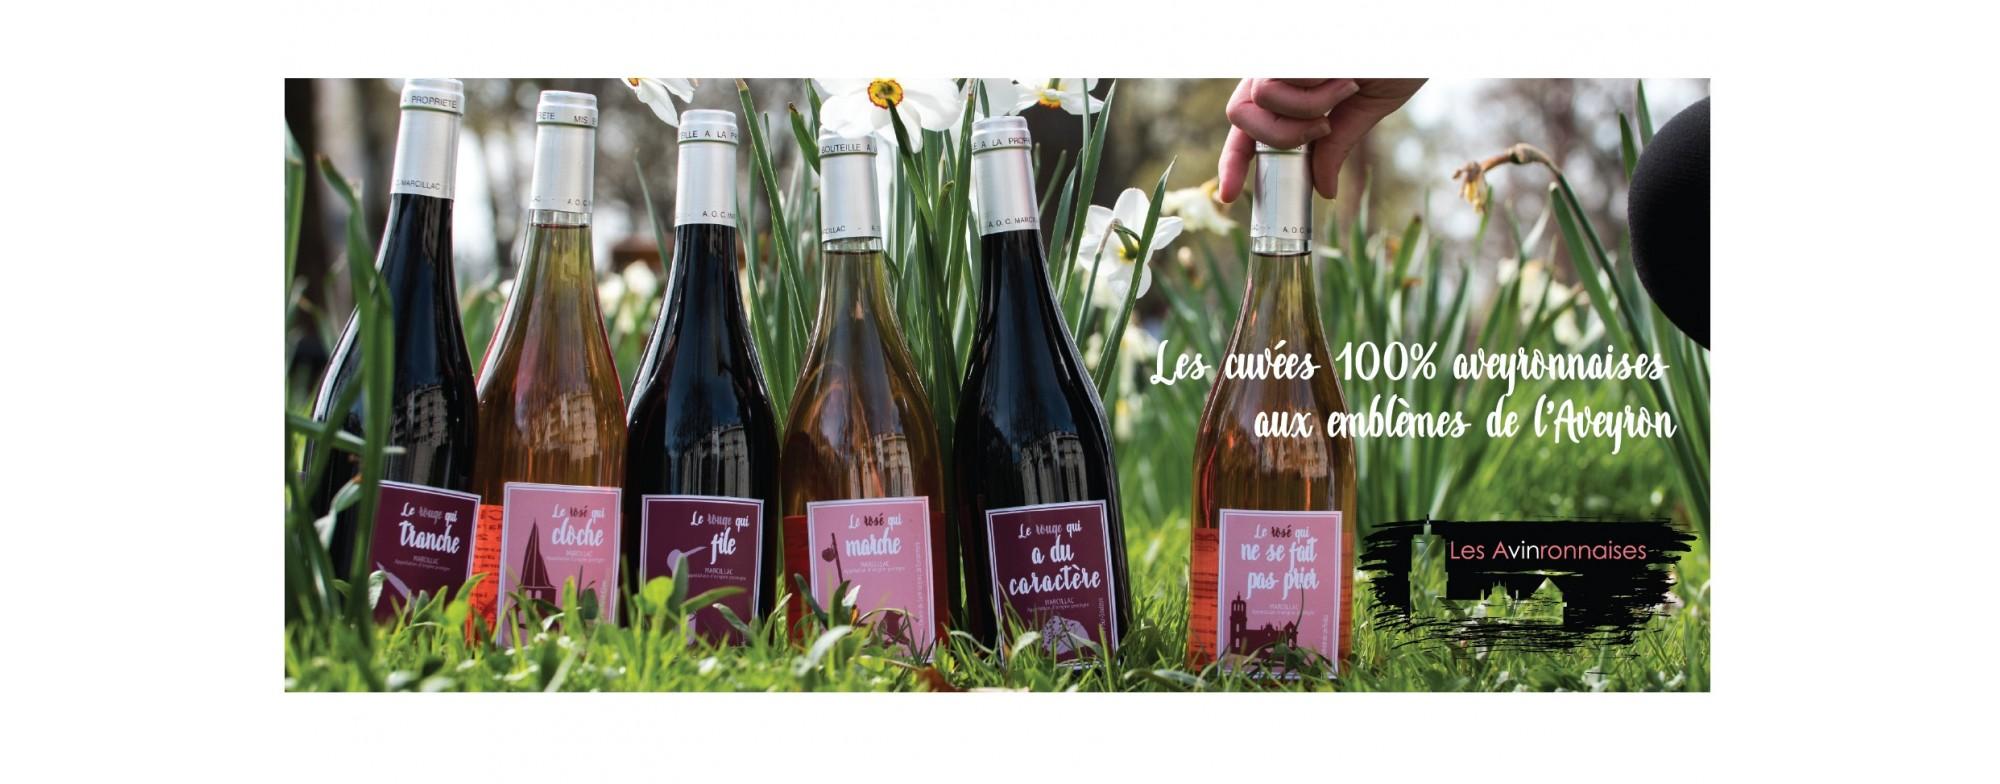 Les Avinronnaises, les cuvées 100% aveyronnaises aux emblèmes de l'Aveyron